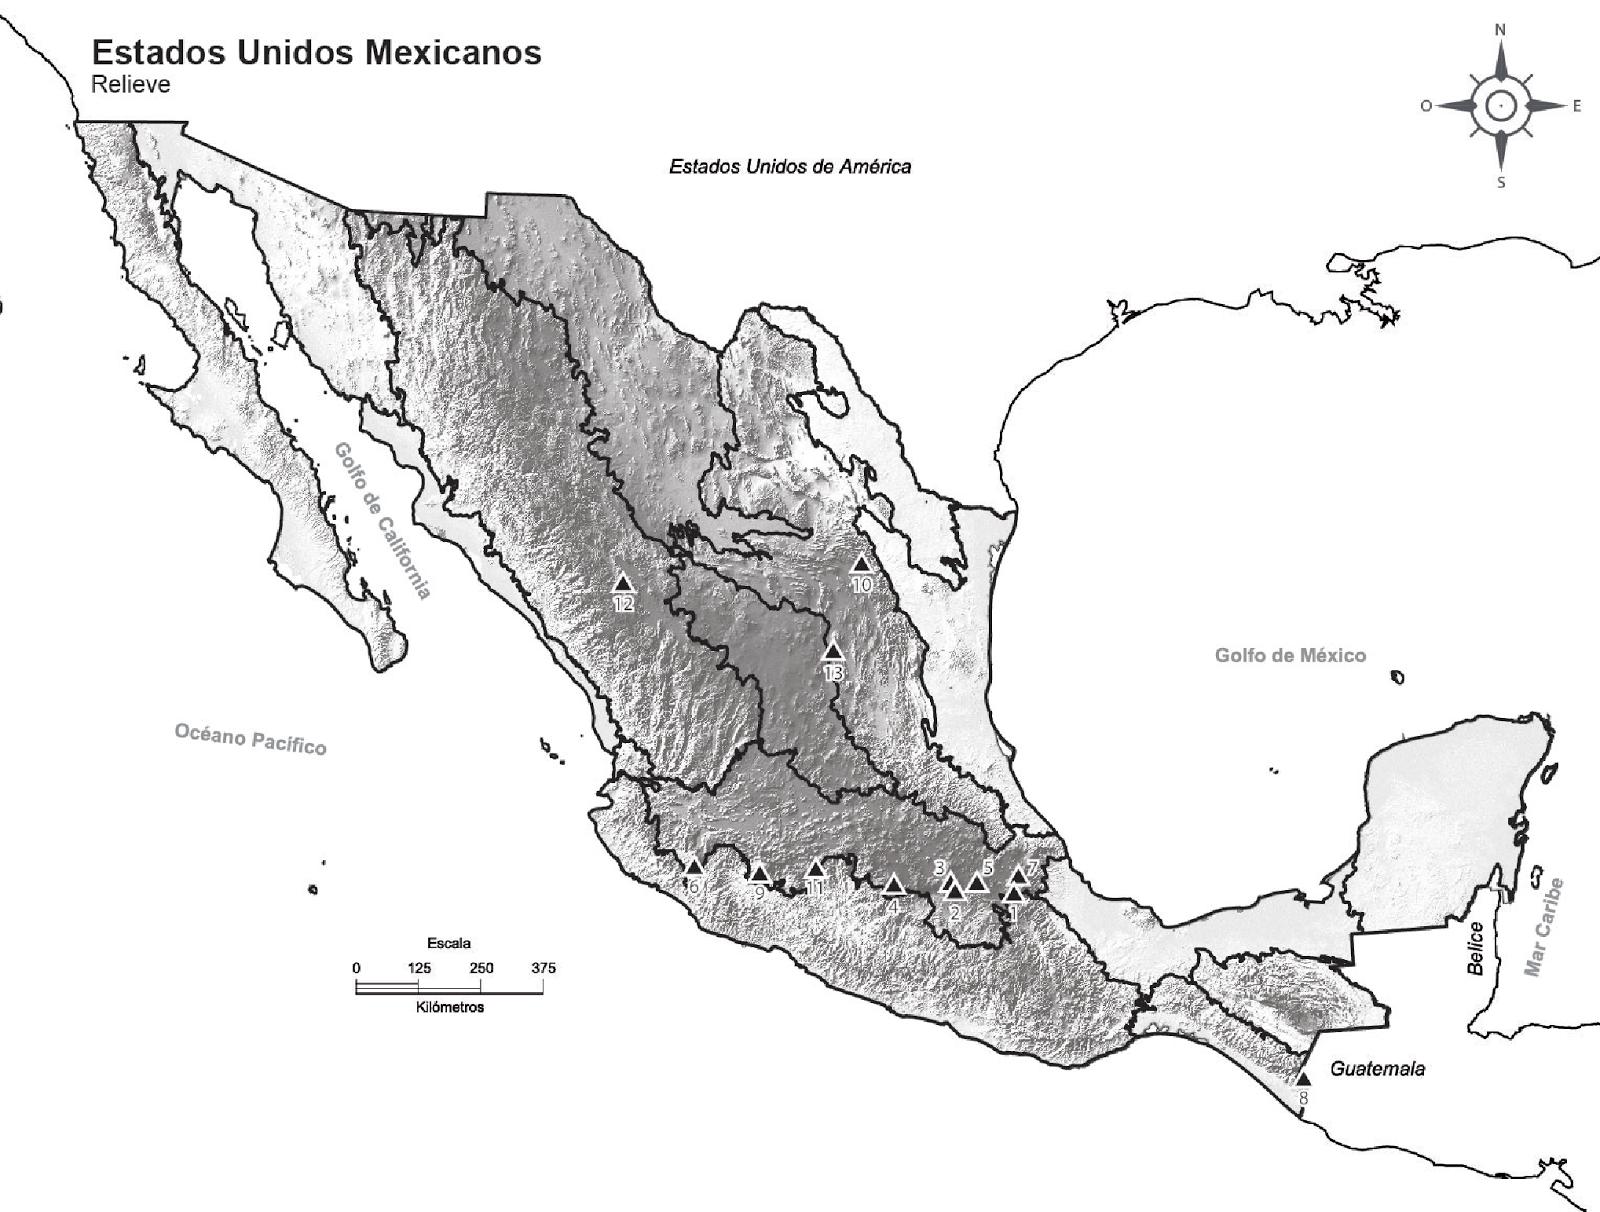 Mapas para imprimir del relieve de todas las entidades federativas